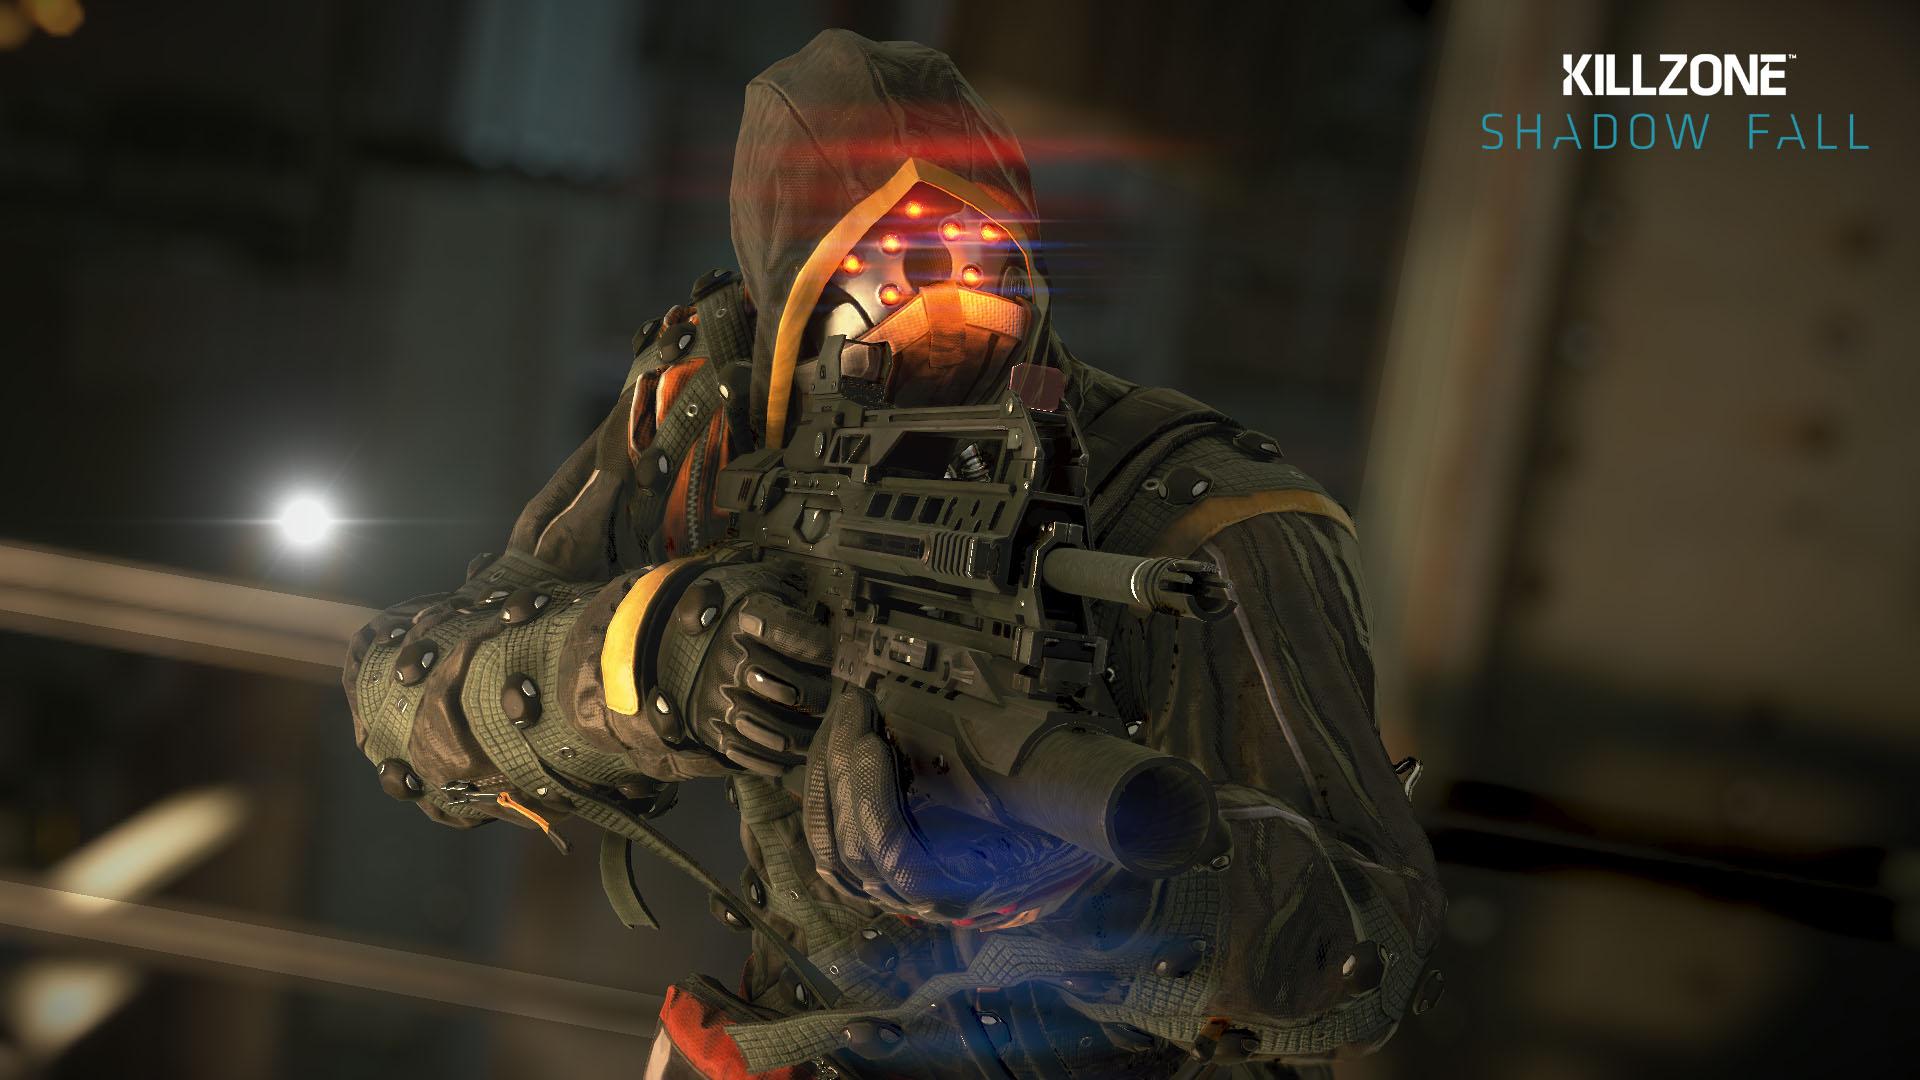 [Oficial] Killzone:Shadow Fall 9837239283_b29fe4a049_o